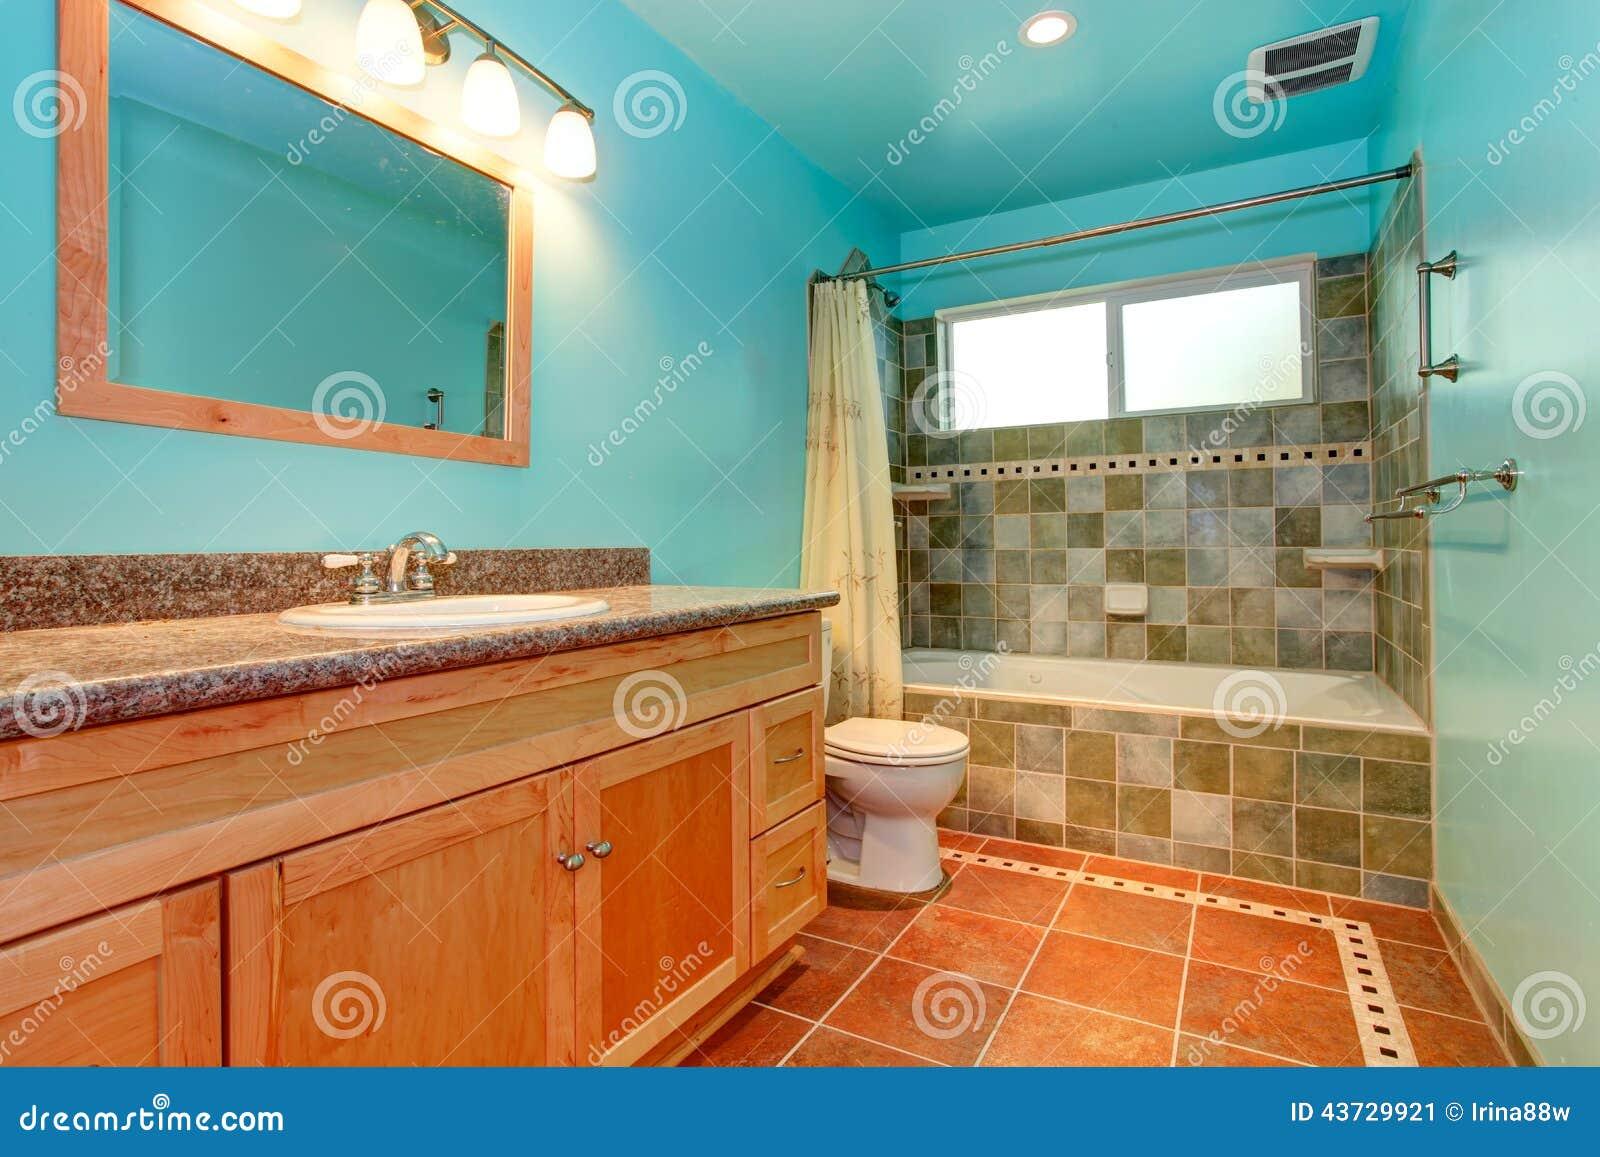 Piastrelle bagno blu e bianche piastrelle bagno azzurre e bianche